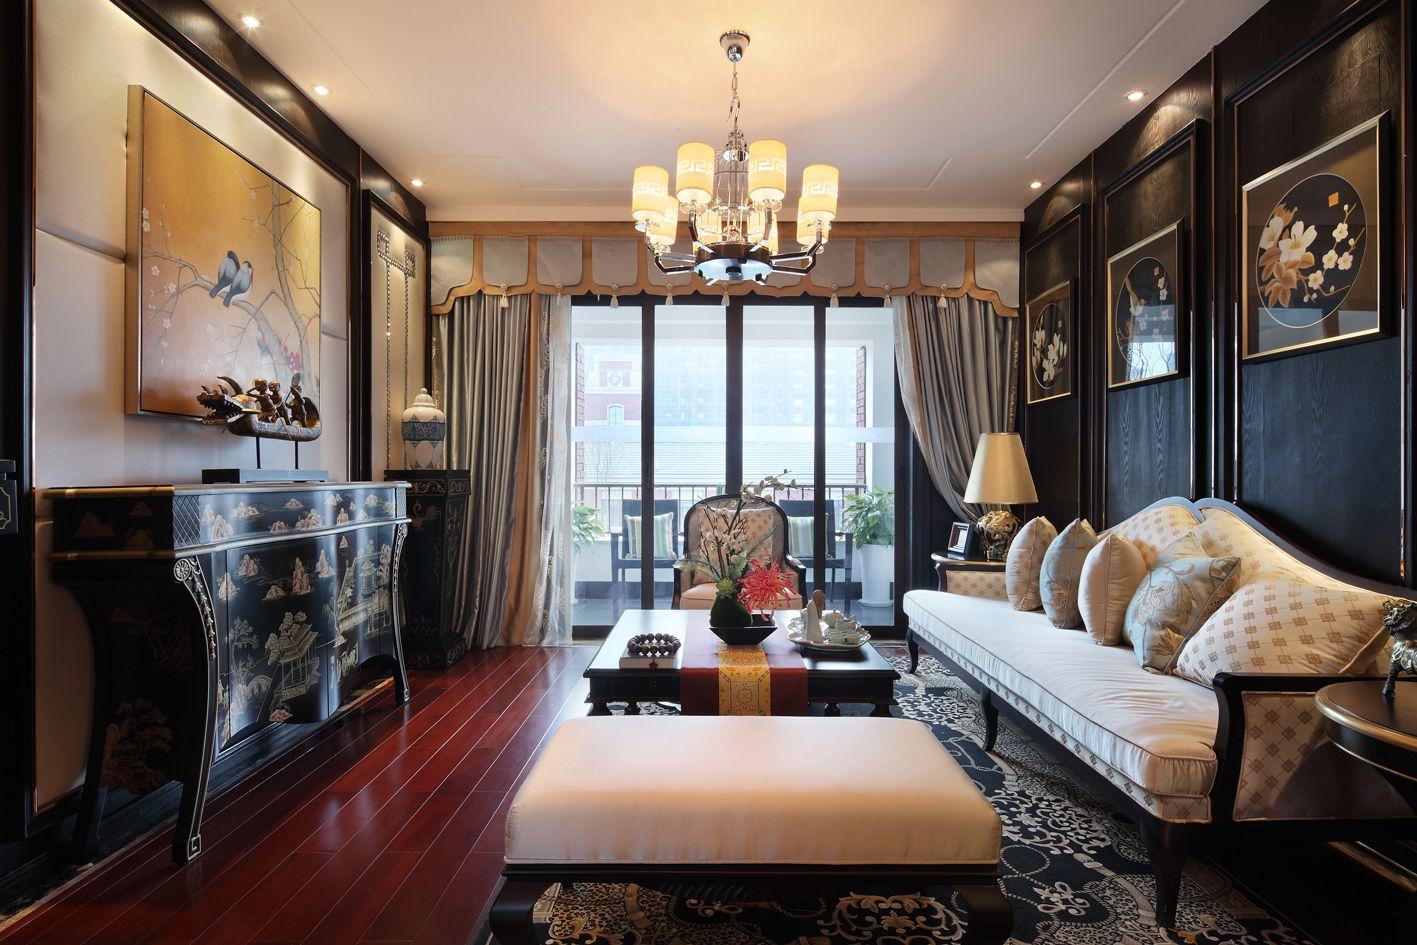 客厅中放置着以黑色原木为框的座沙发,整个简约大气之感